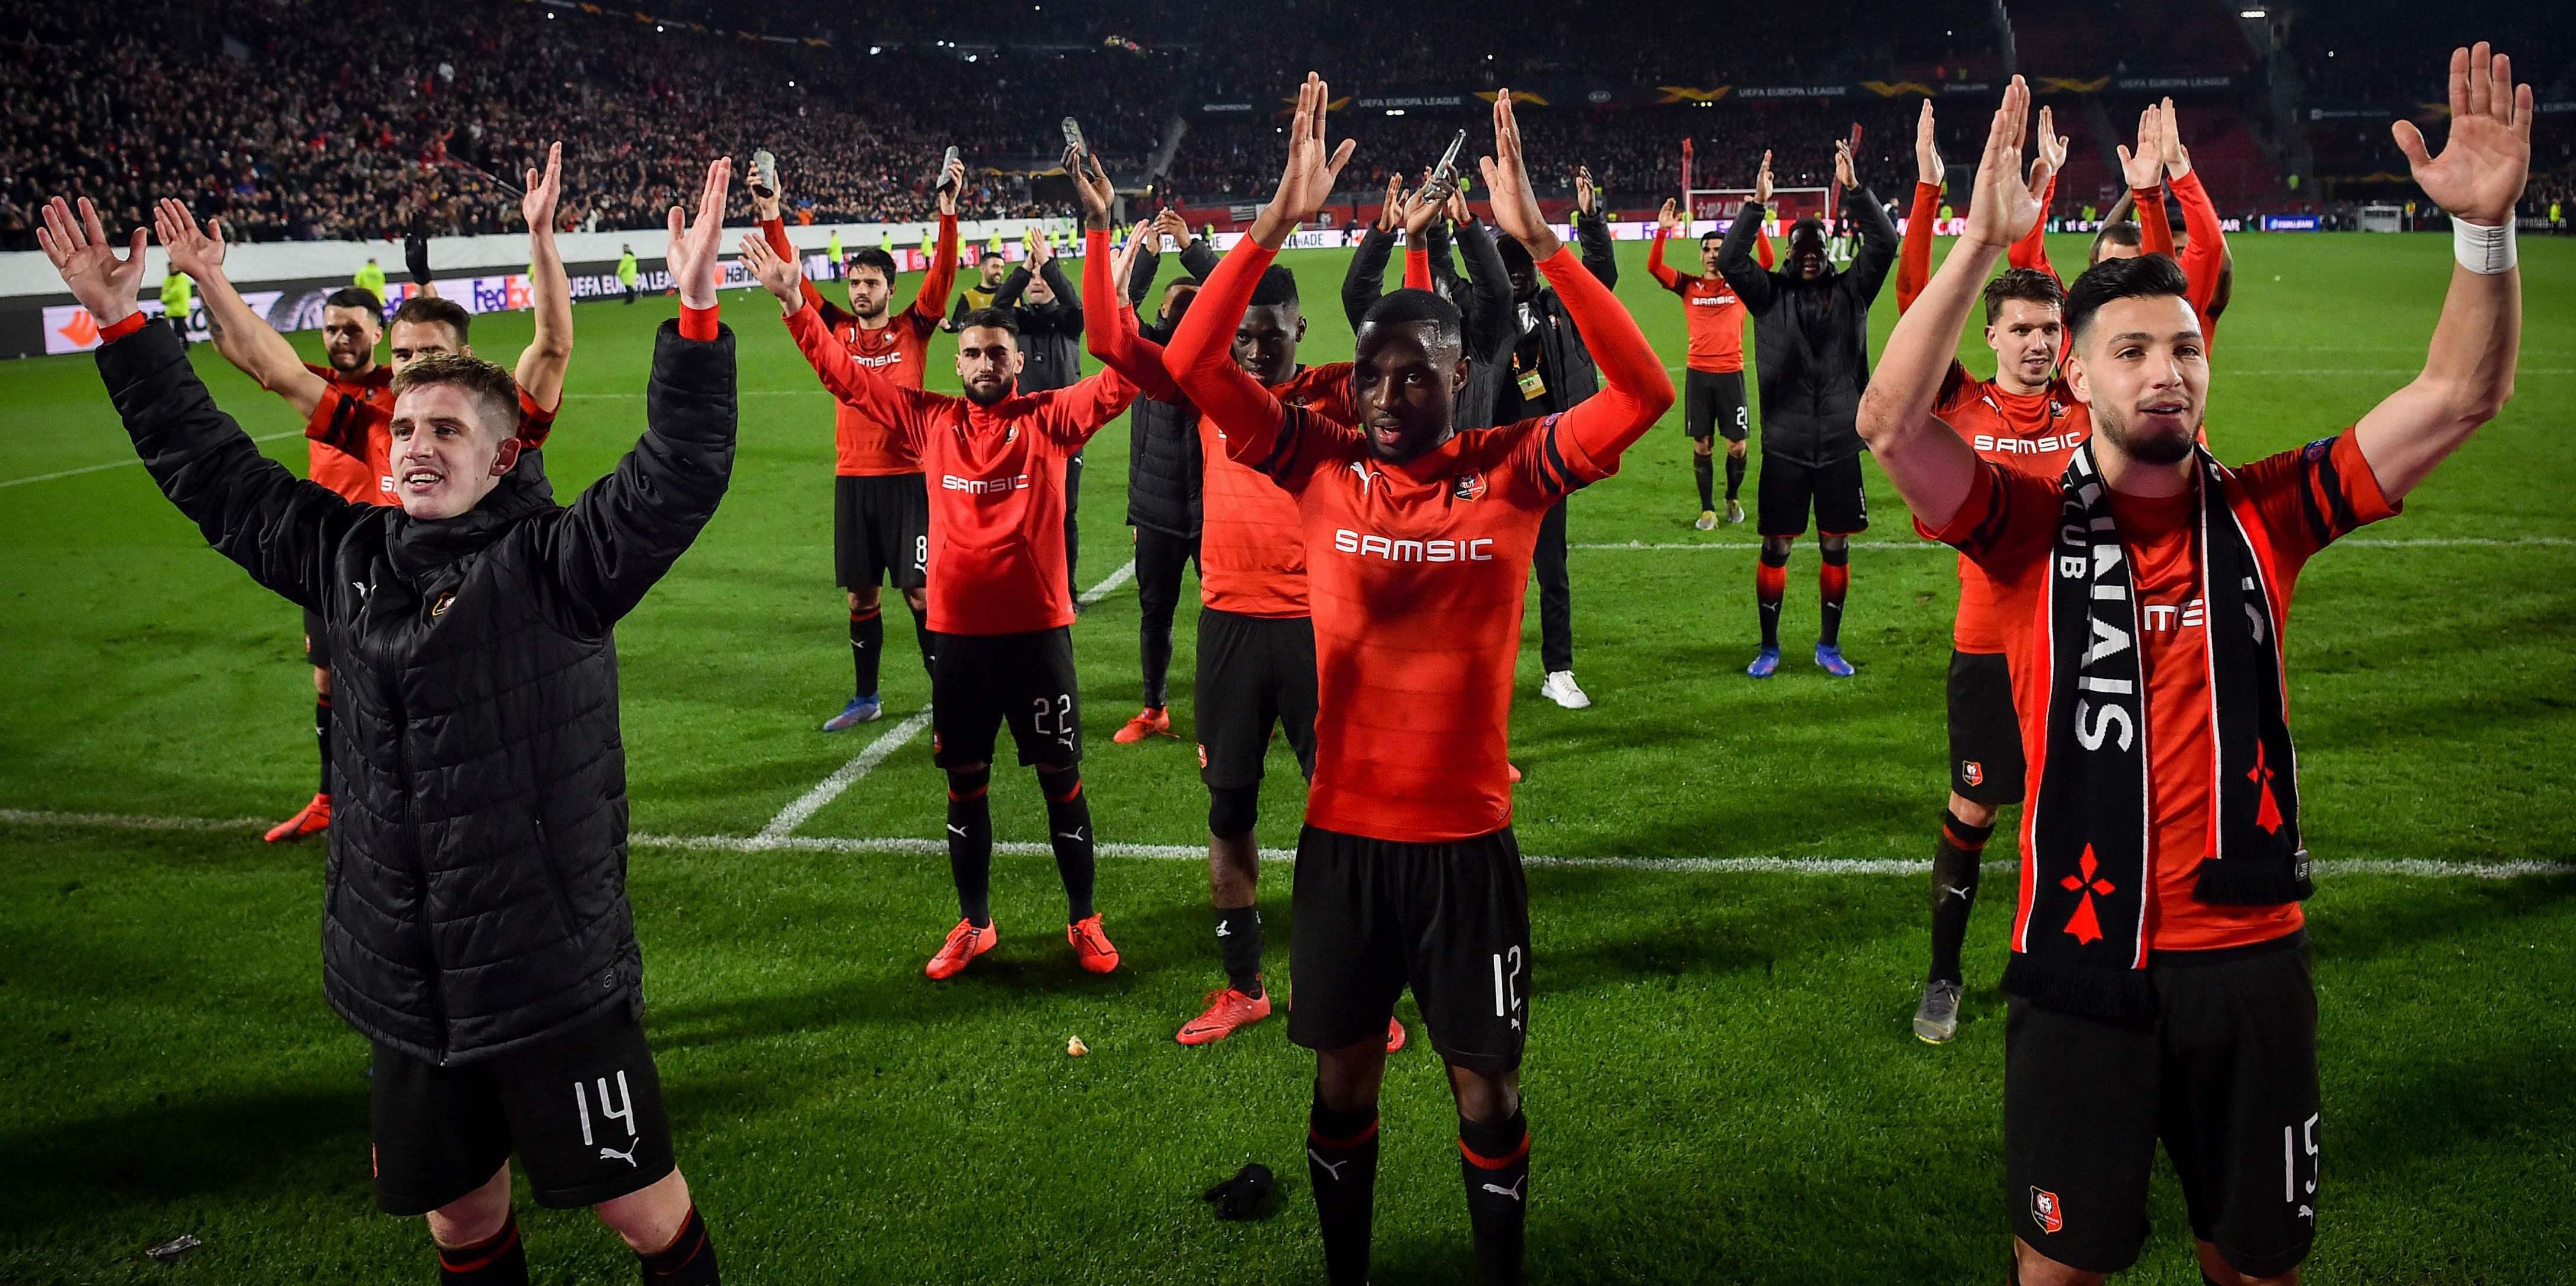 Football - Ligue Europa - Le Stade Rennais domine Arsenal après une soirée de folie